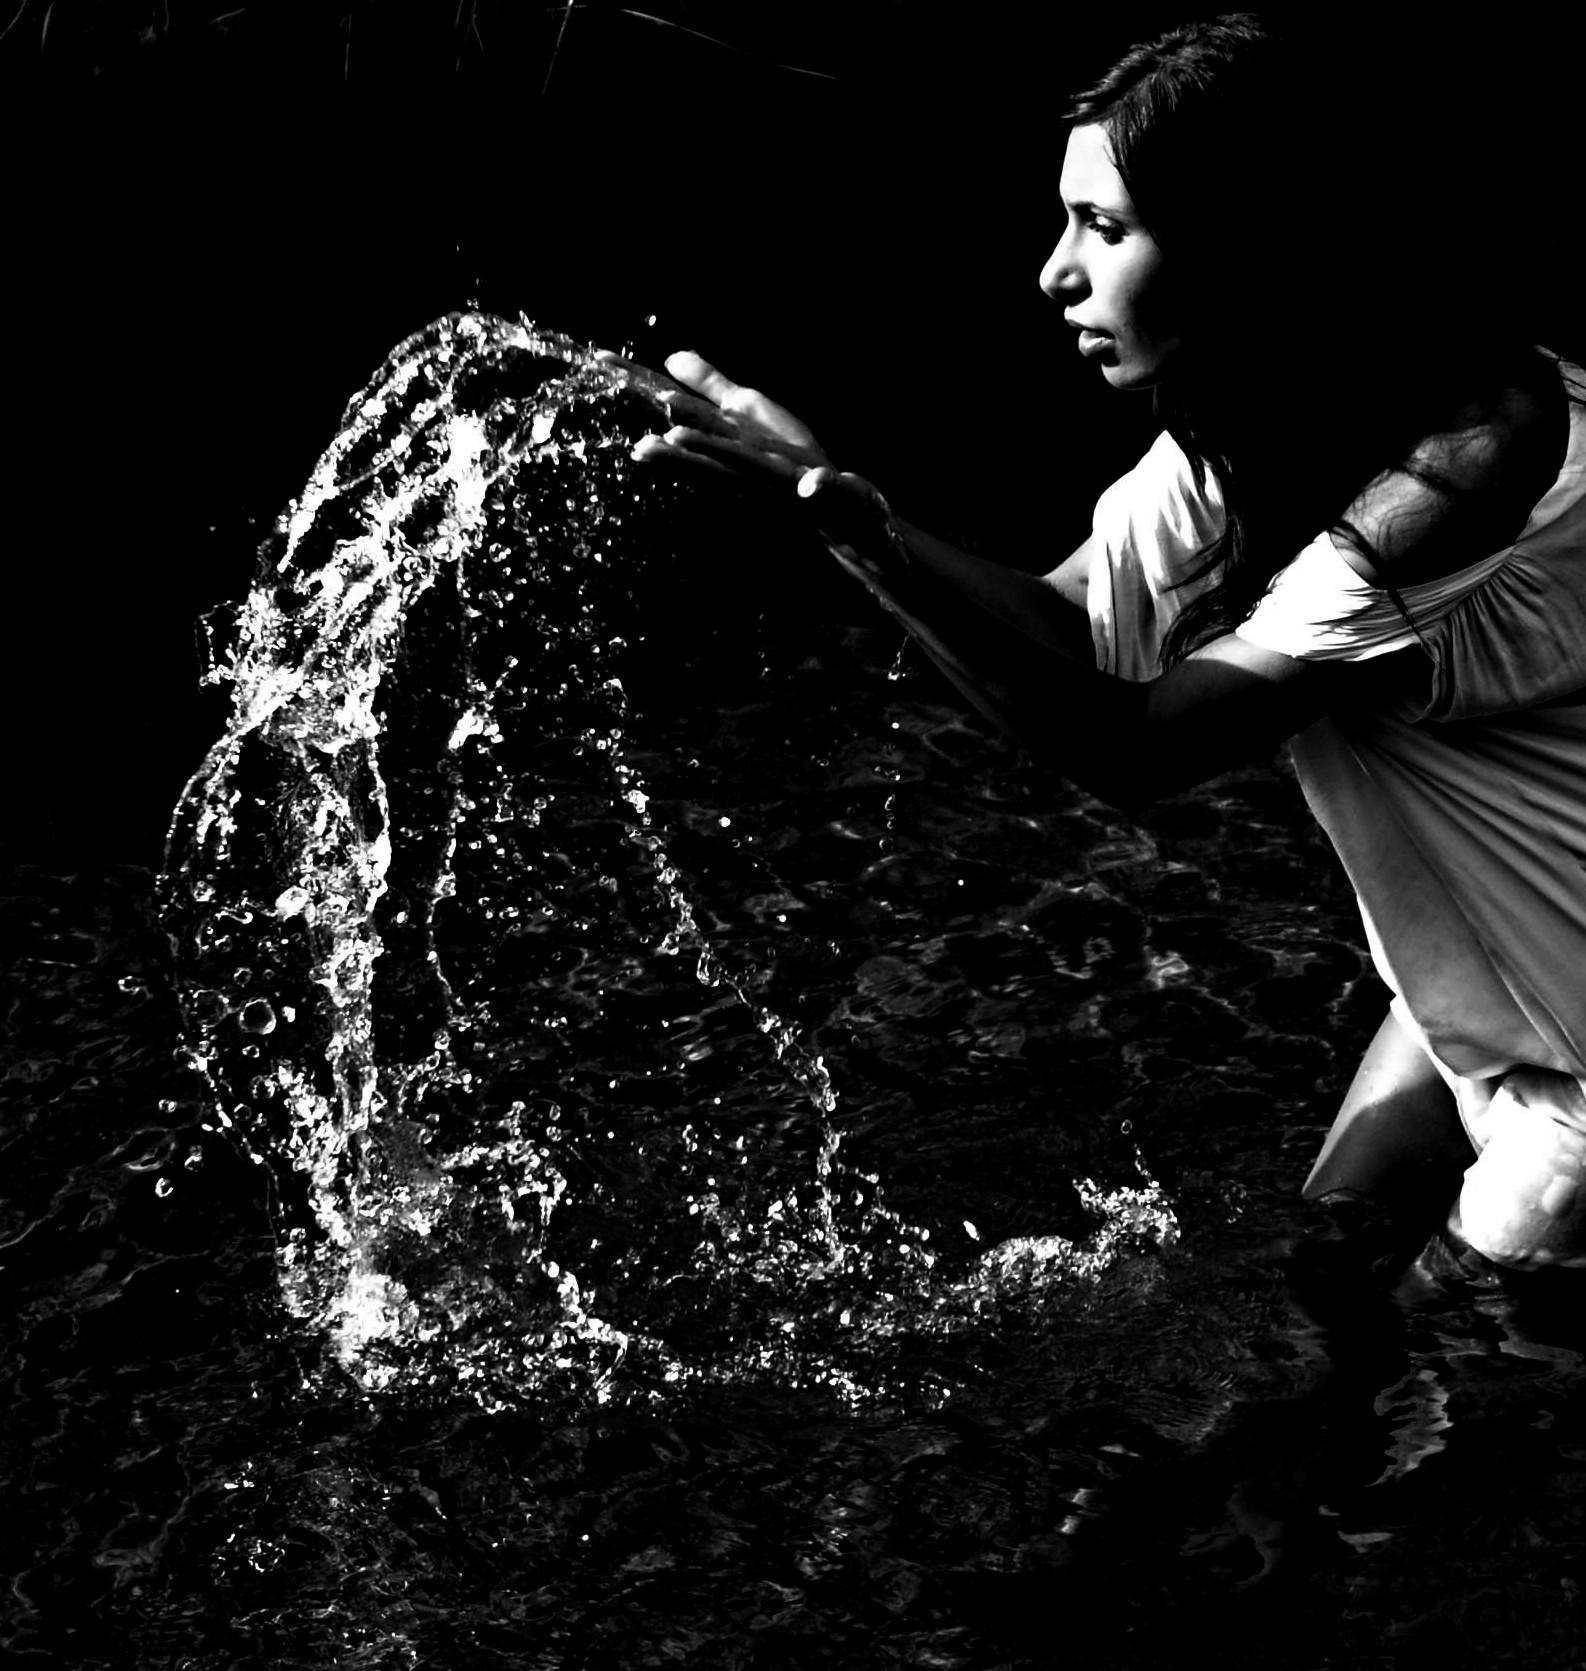 Hands Water...